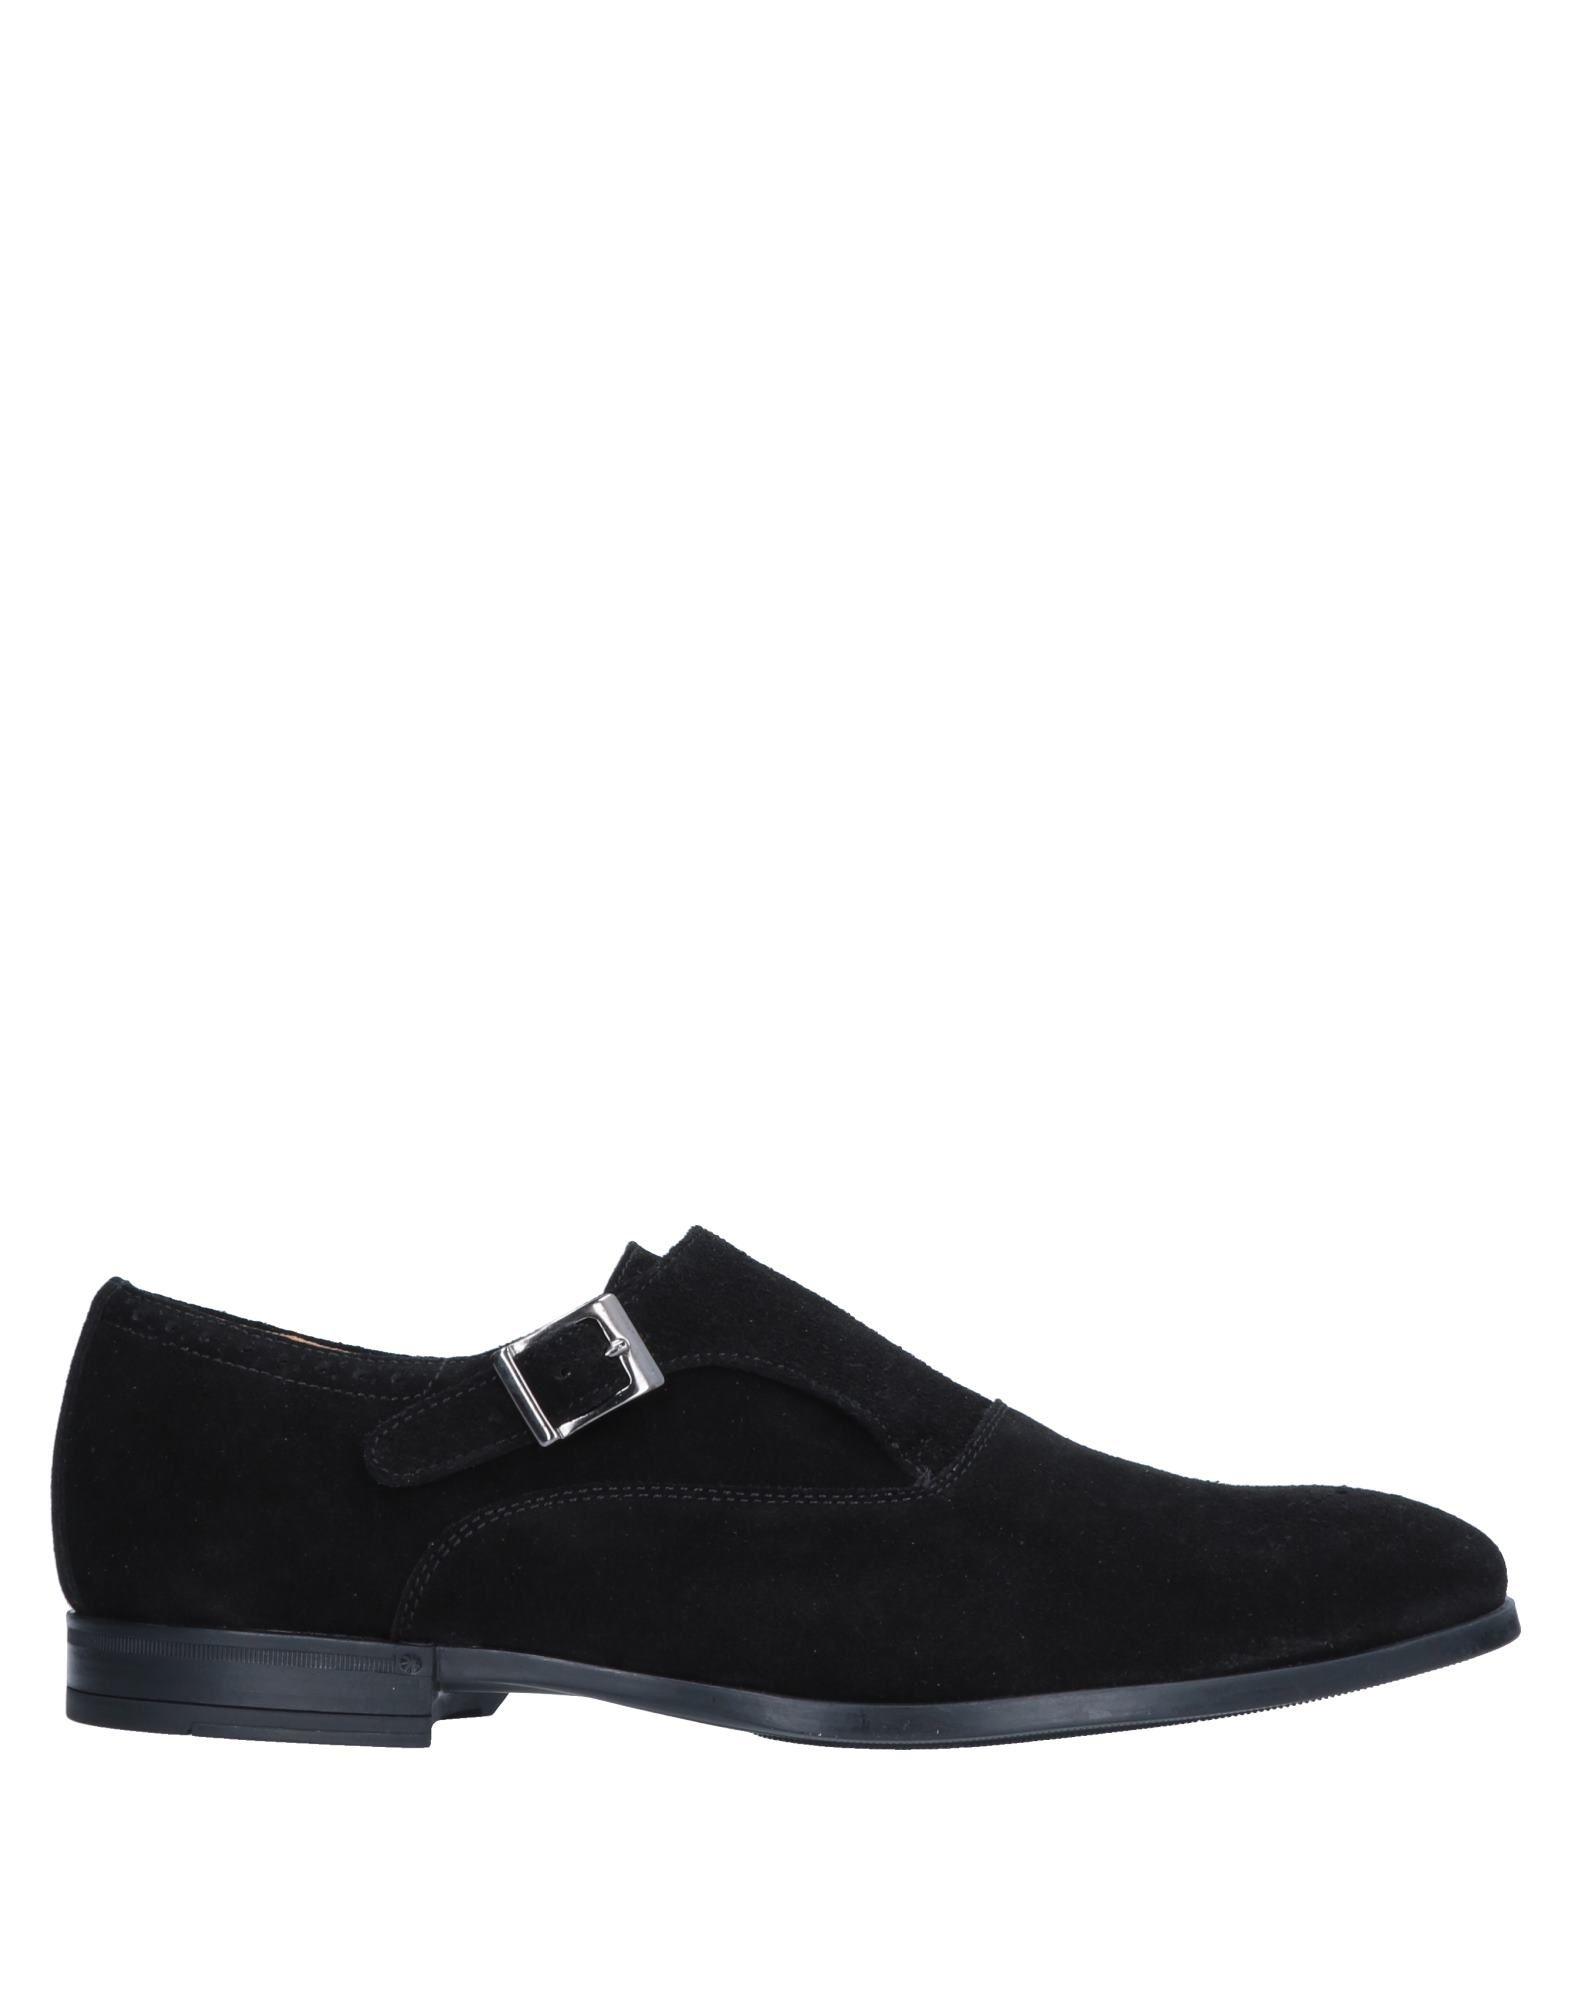 Fabiano Ricci Mokassins Qualität Herren  11546760VB Gute Qualität Mokassins beliebte Schuhe d092fa